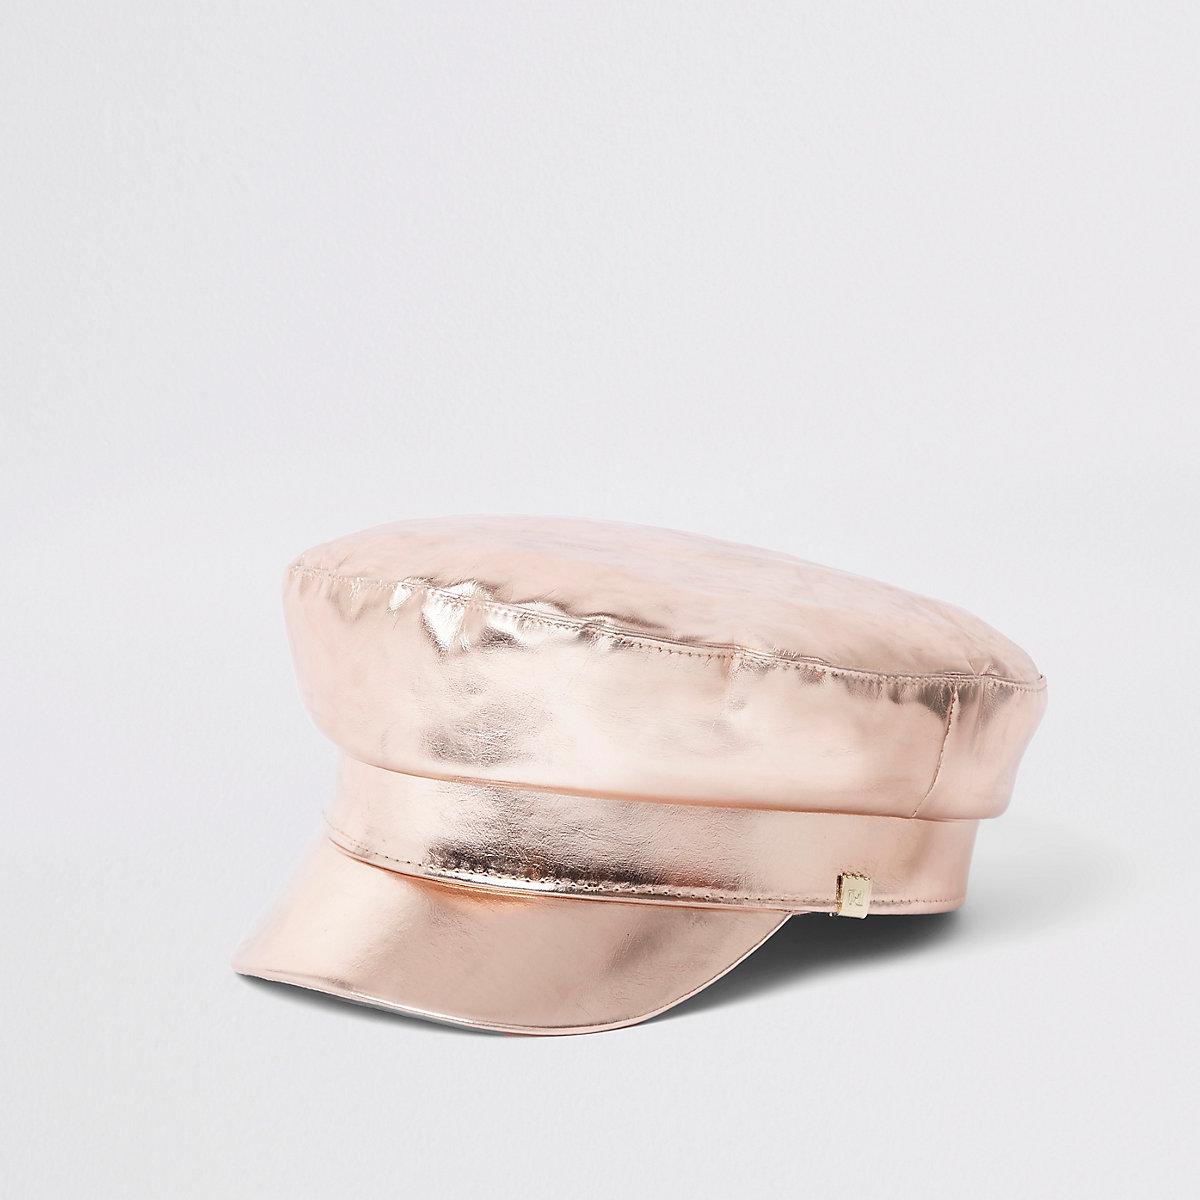 Casquette gavroche or rose métallisé